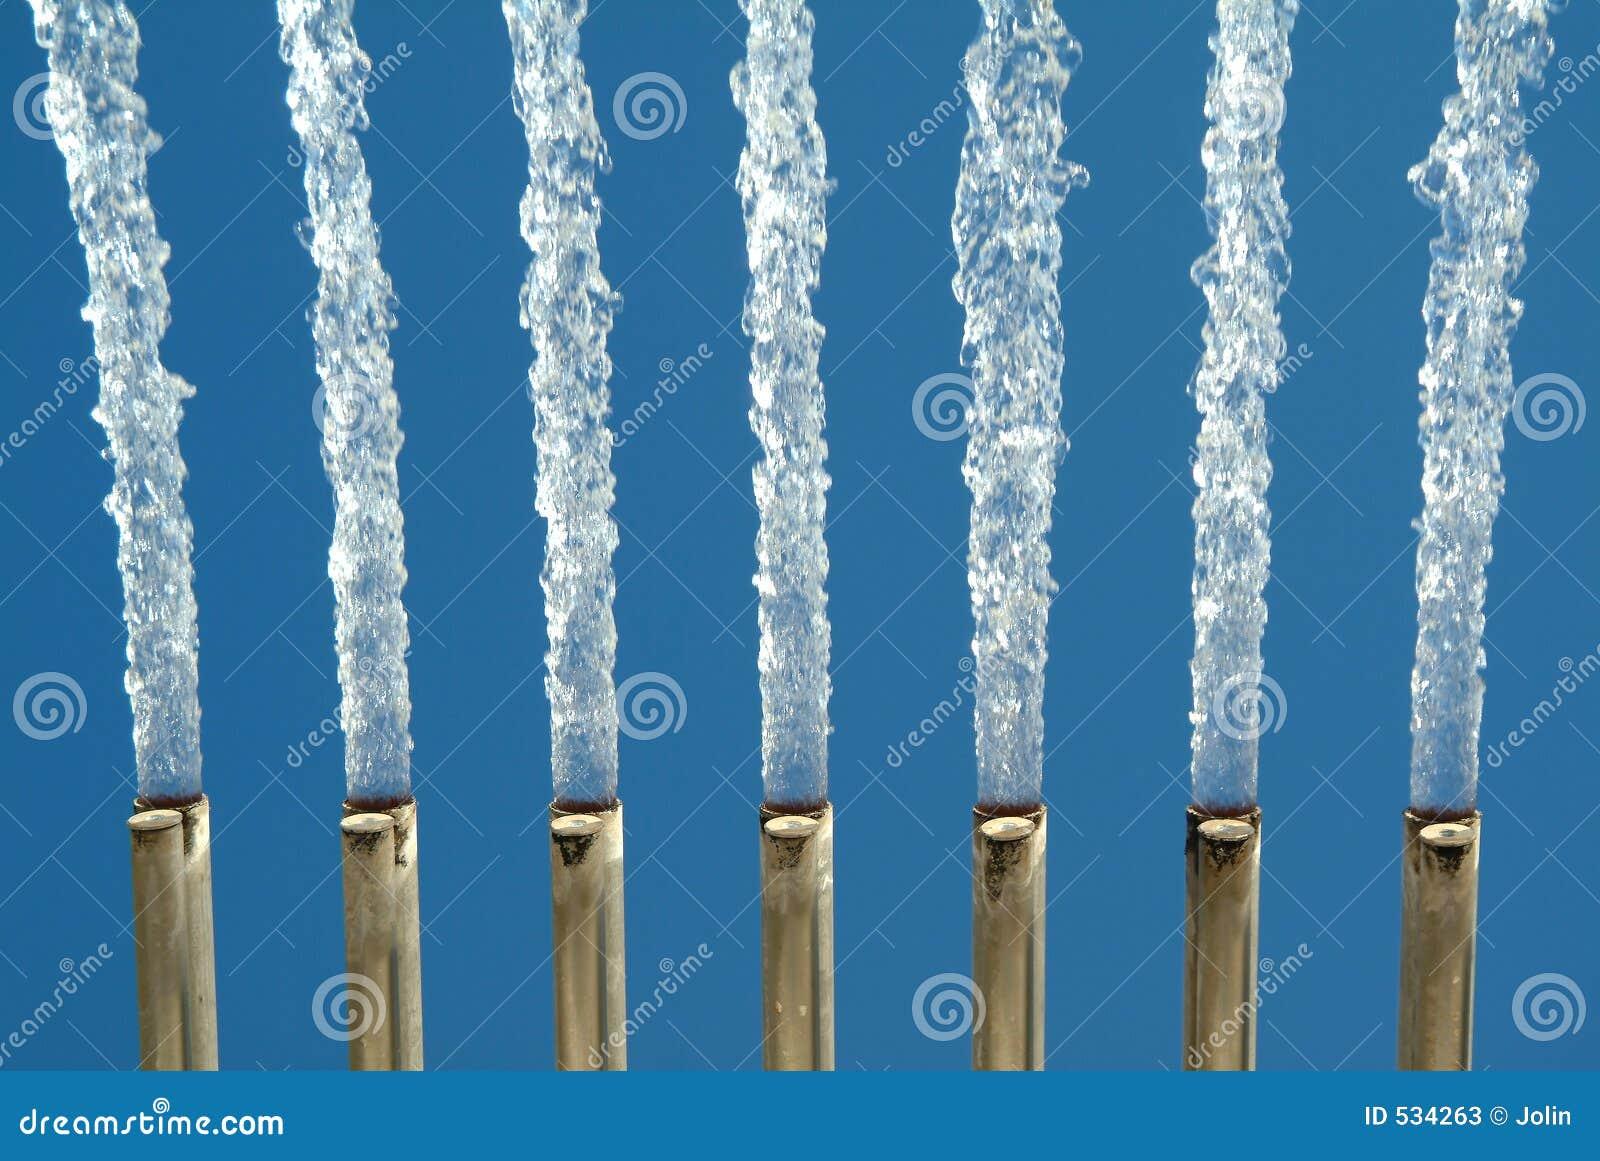 Download 喷泉水 库存图片. 图片 包括有 管道, 表单, 室外, 蓝色, 水色, 云彩, 供水系统, 瀑布, 行动, 移动 - 534263